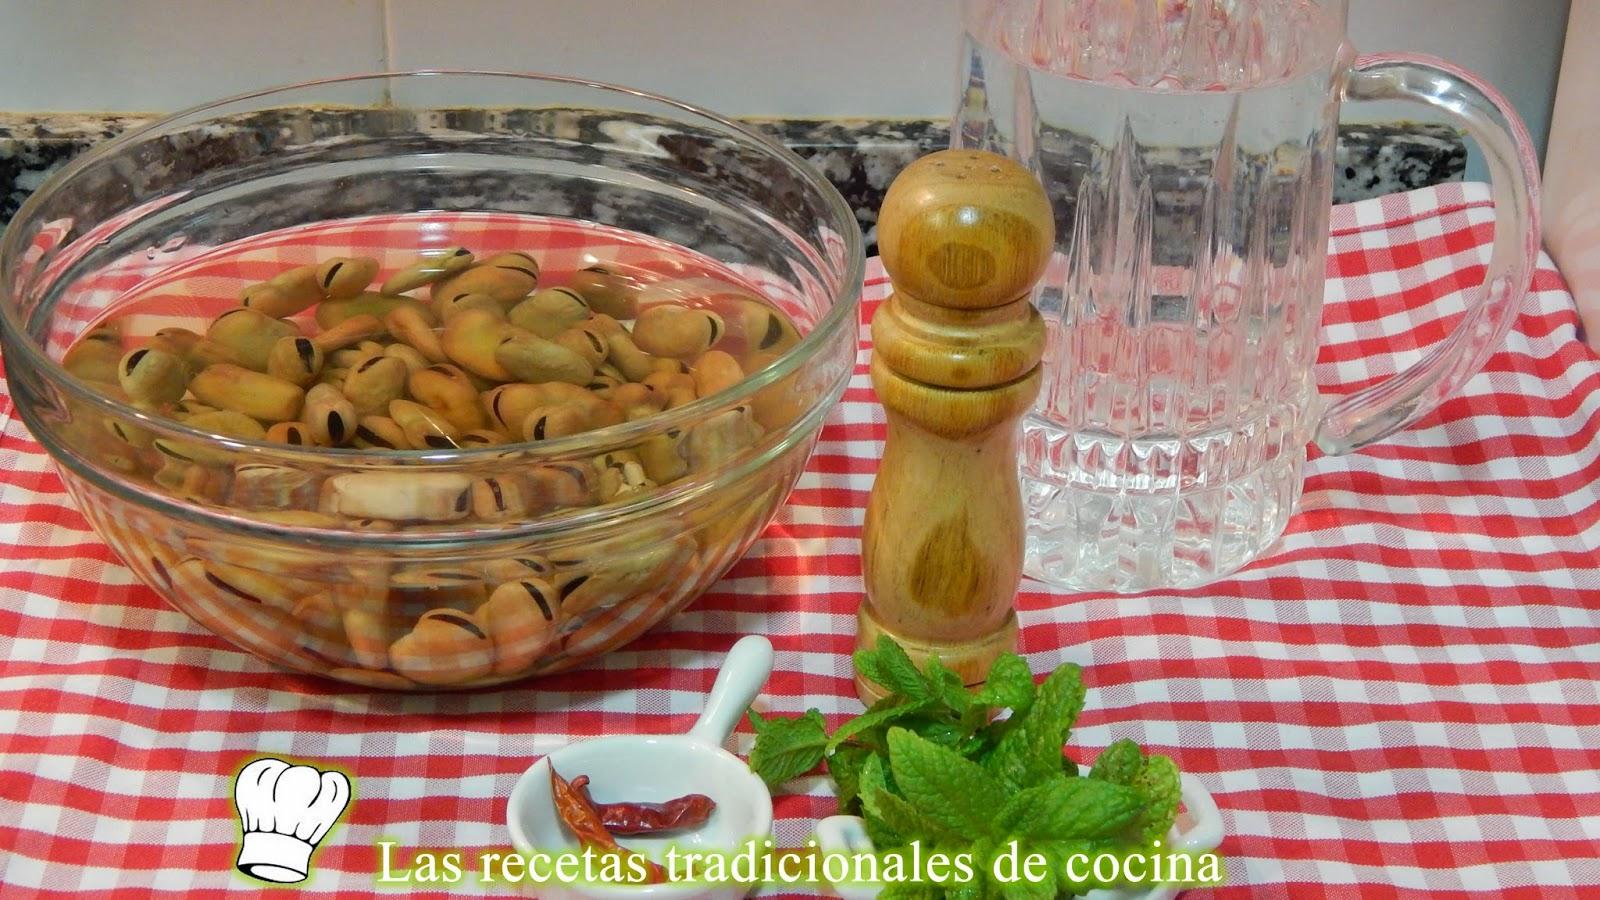 Receta fácil de habas cocidas con hierbabuena